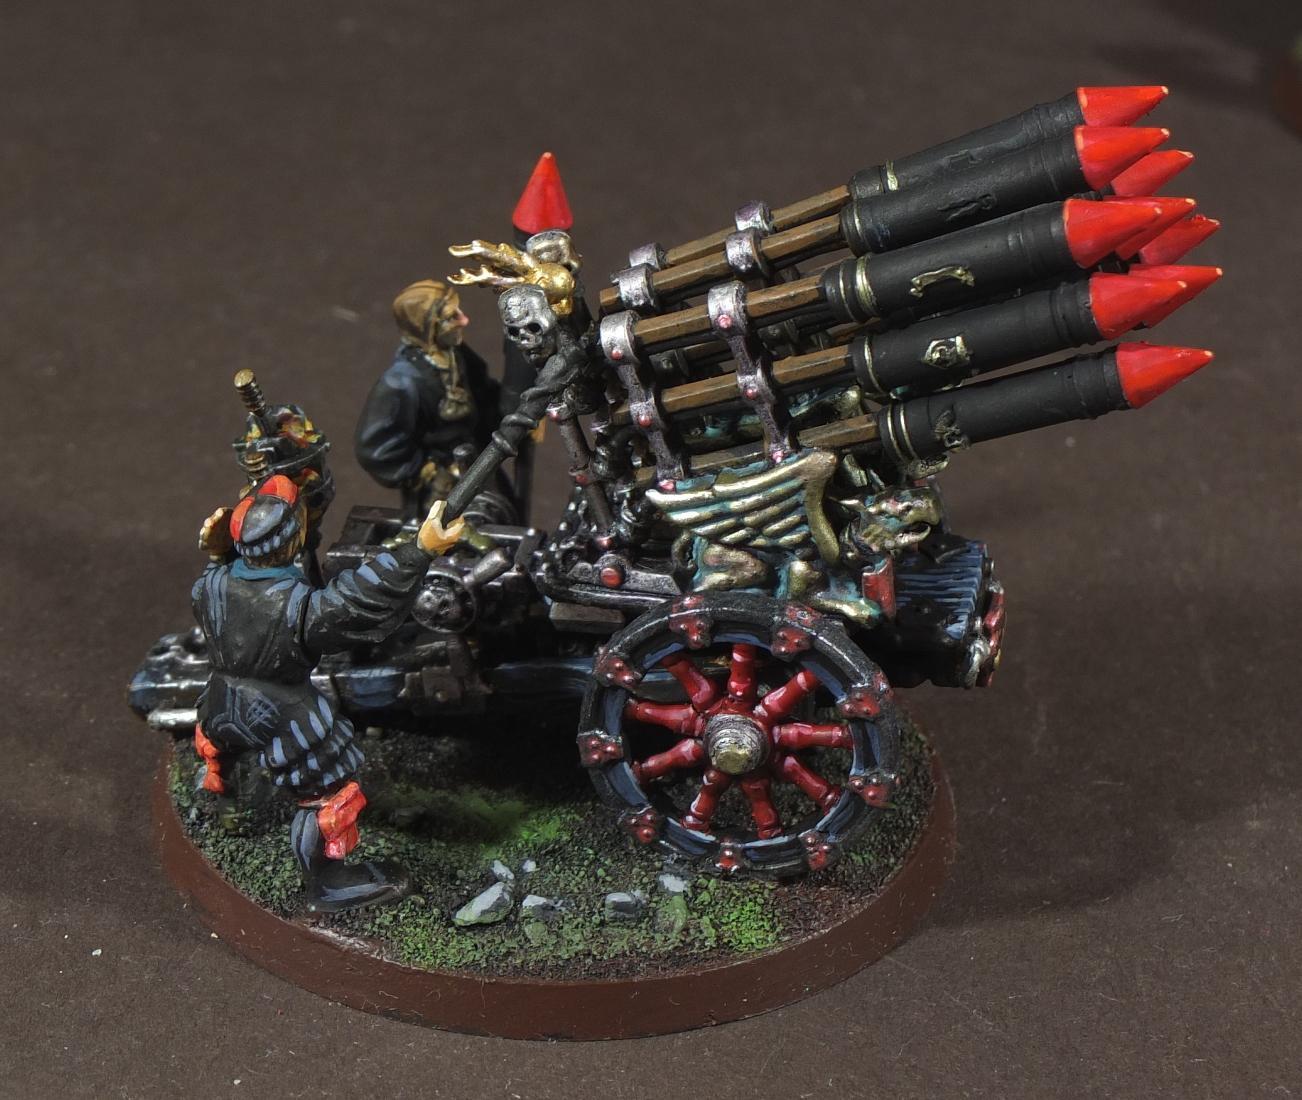 110222943_Artillerie(9).JPG.ef2ded5ee64caba7aa64c7e3e66e01fa.JPG